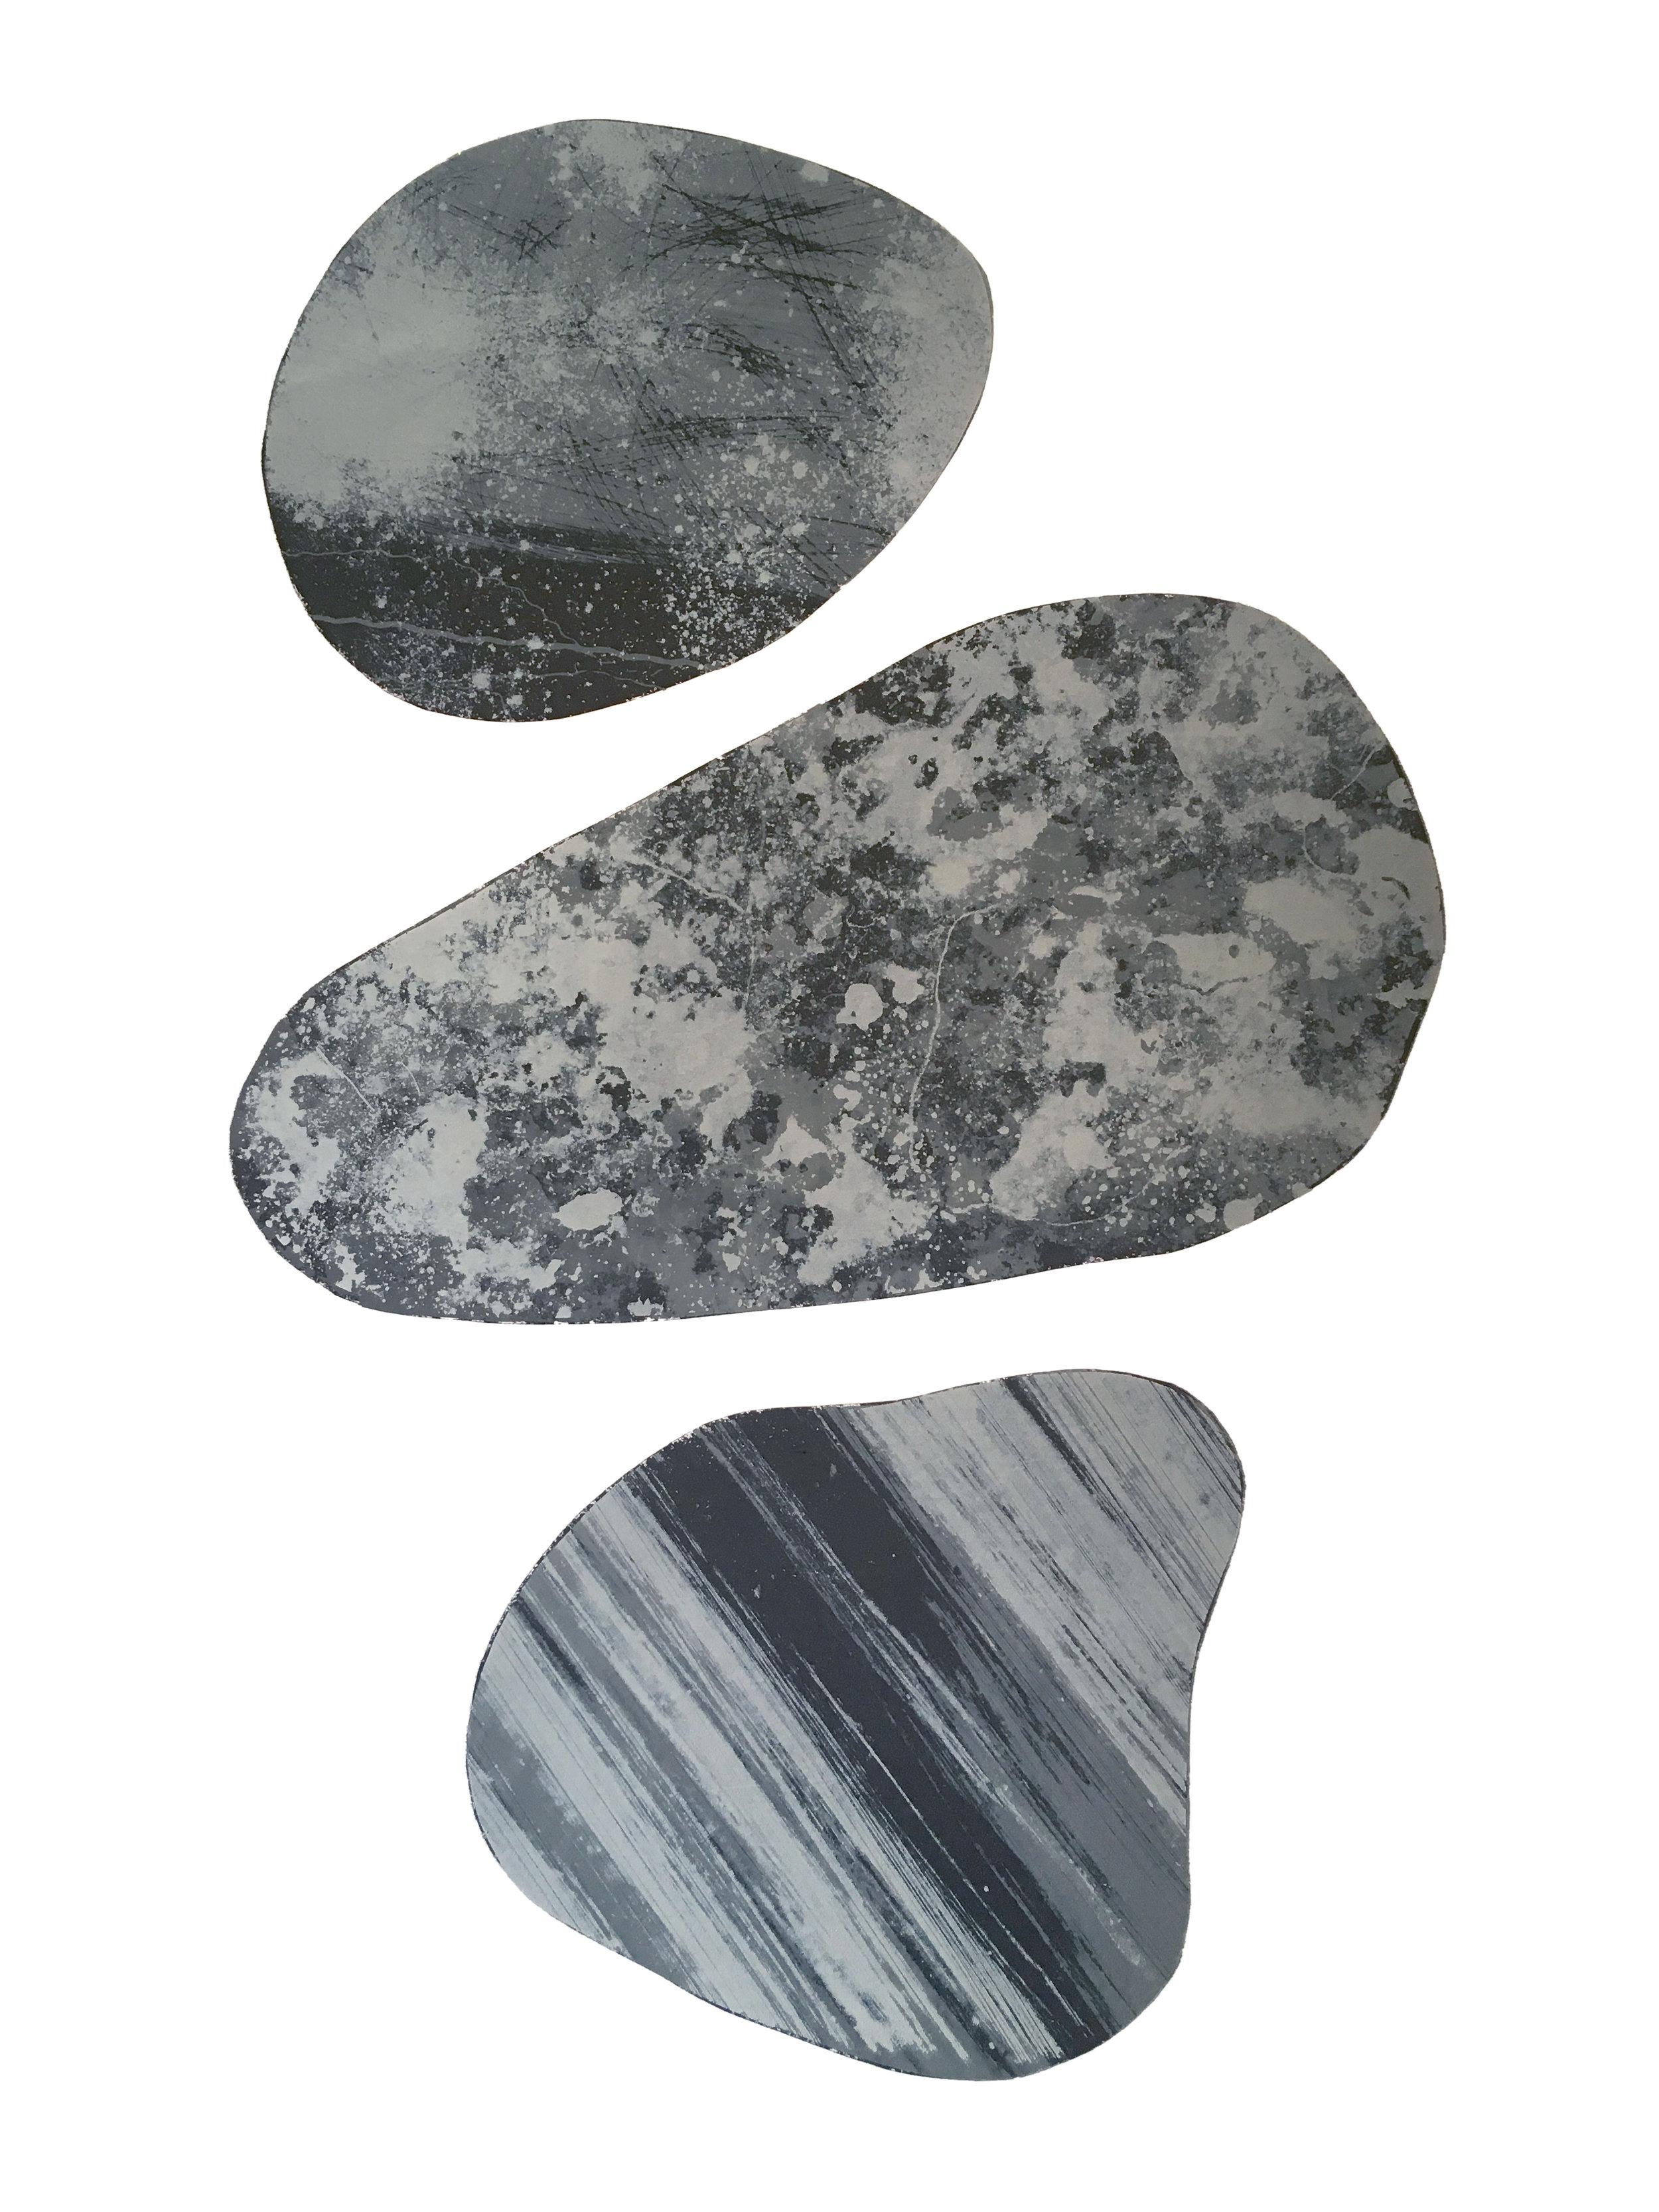 Textured Pebble #2.jpg